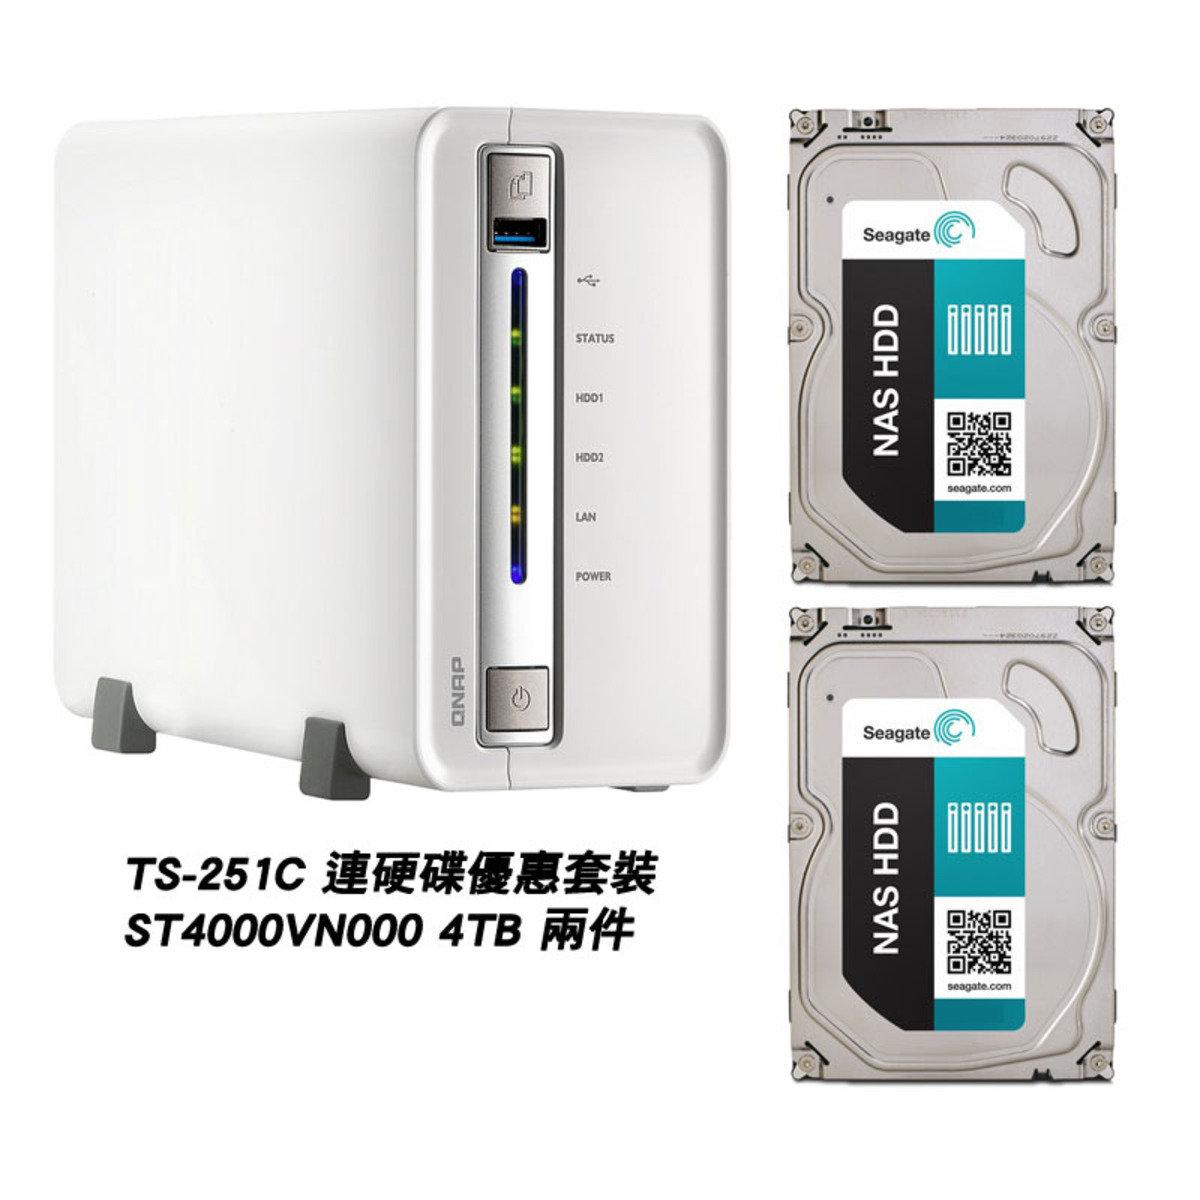 (連硬碟優惠套裝) 2-Bay 雲端網絡儲存分享系統  8TB TS-251C-UK-S402T